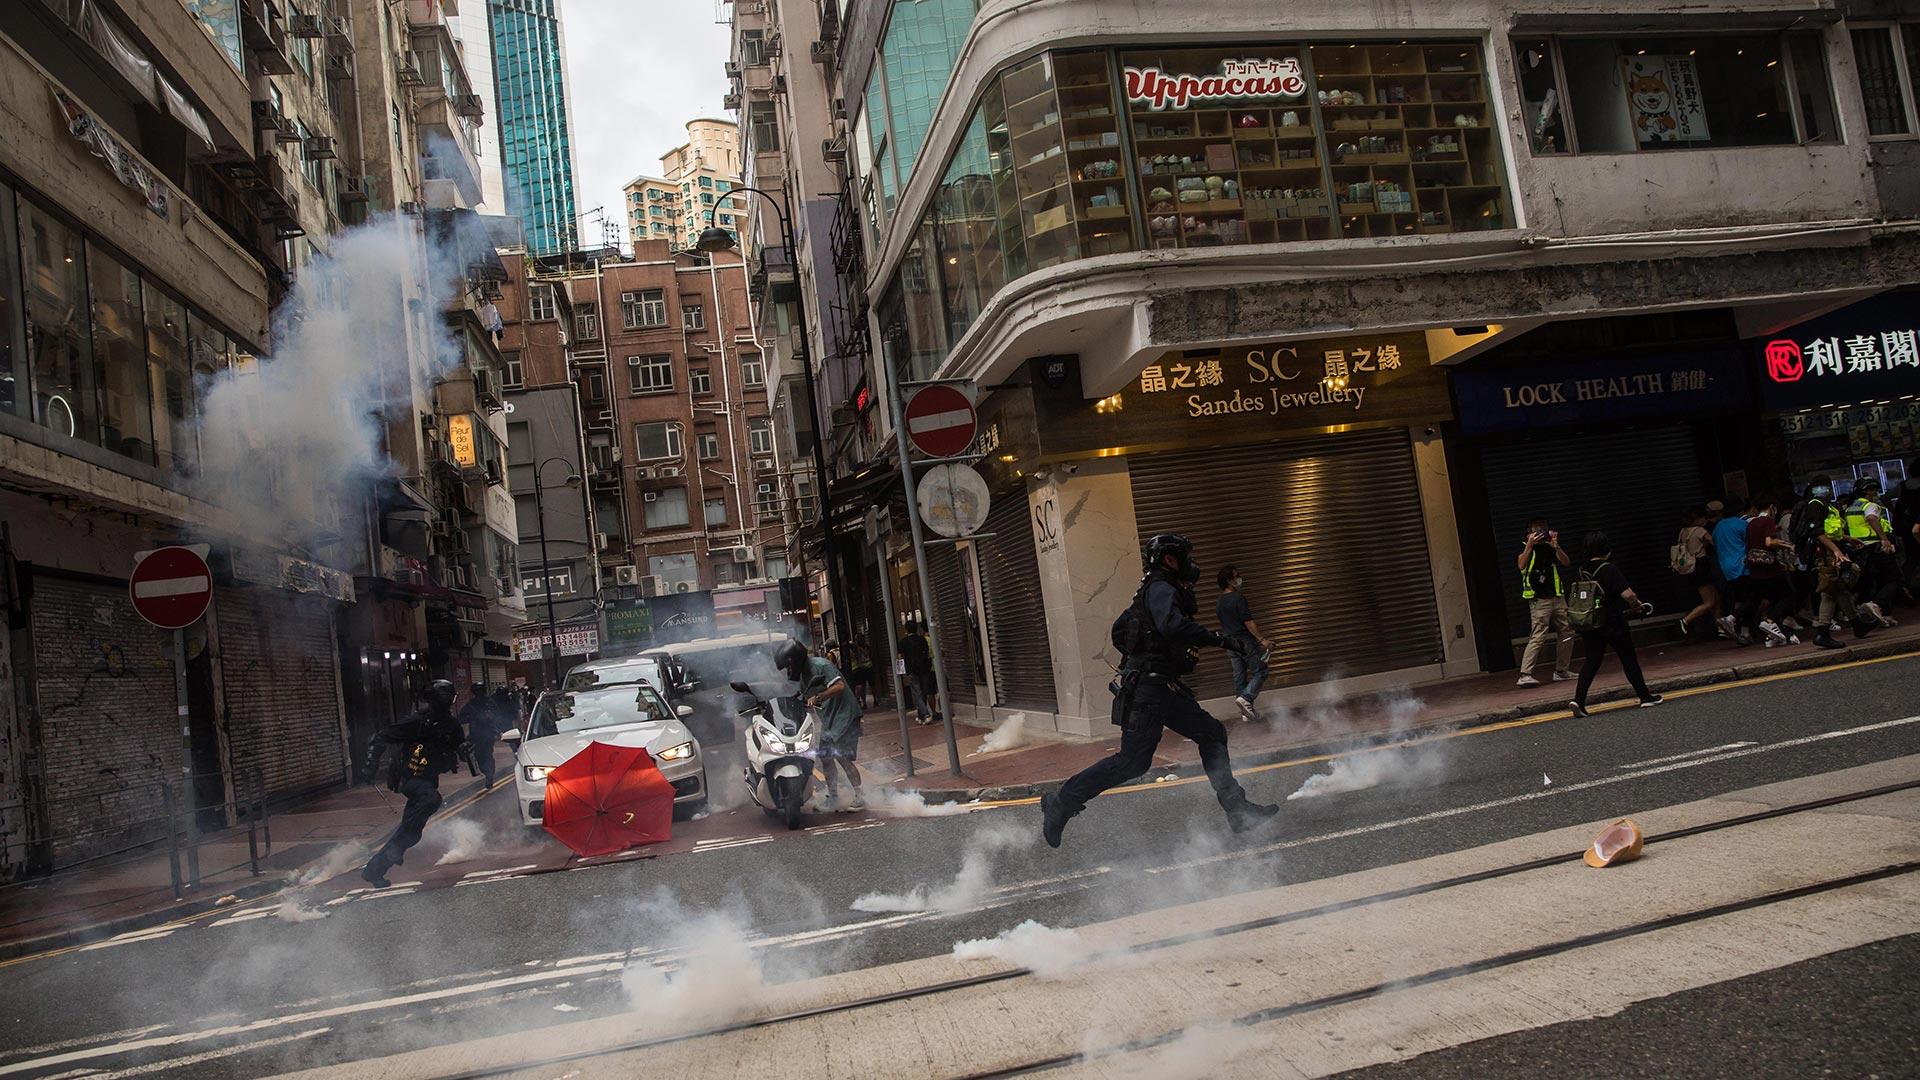 La marcha en la que participan tradicionalmente los hongkoneses en ocasión de este acontecimiento fue prohibida por primera vez por las autoridades